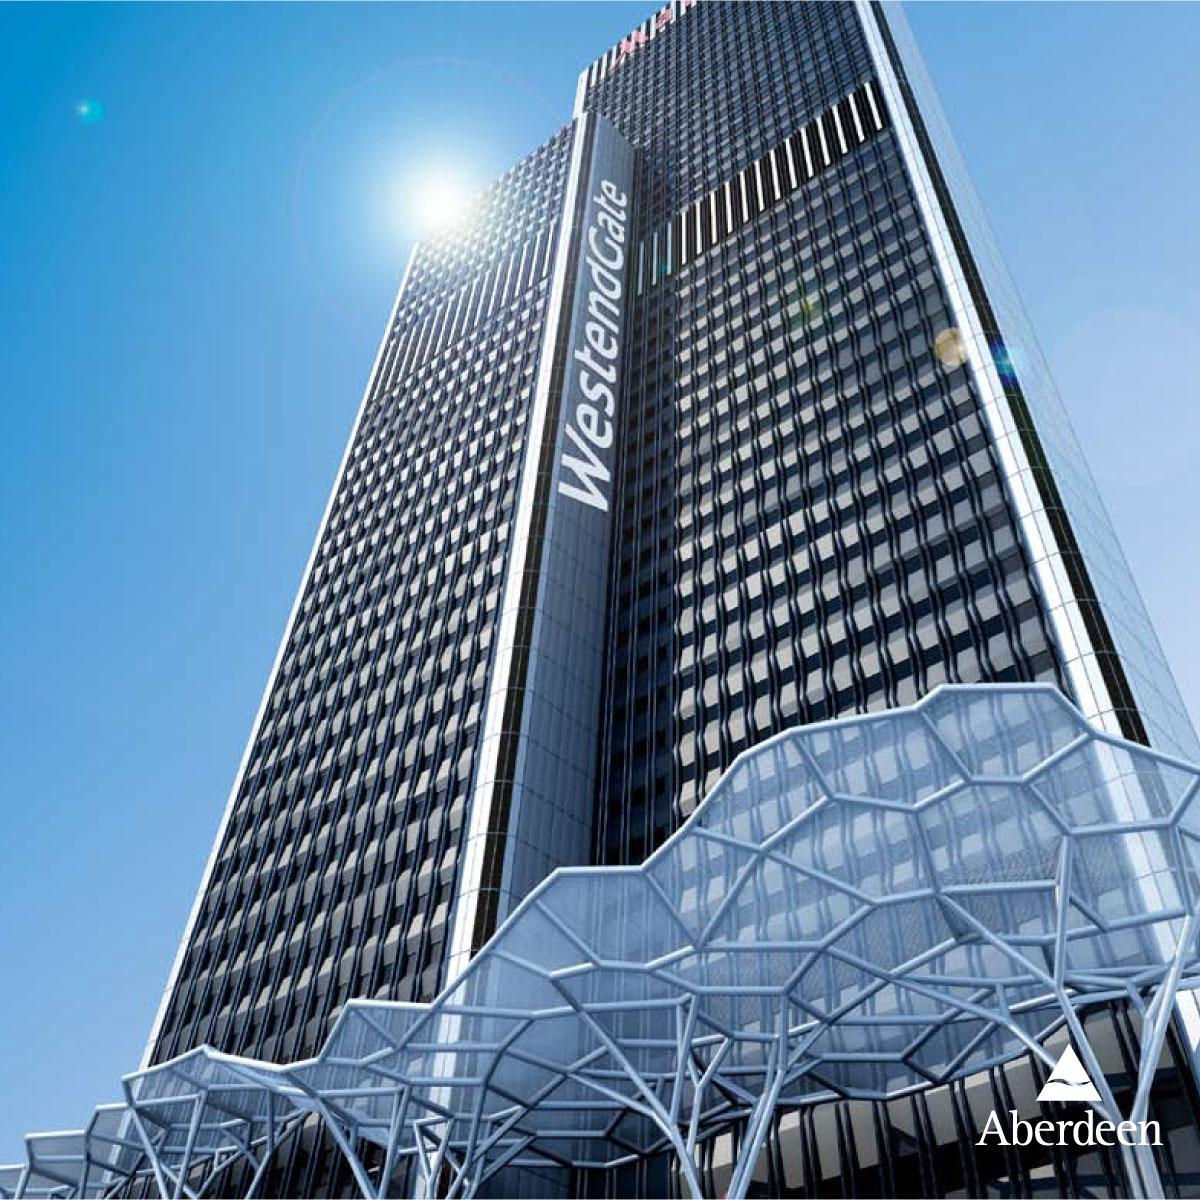 Aberdeen: WestendGate in Frankfurt am Main – Foto des Gebäudes